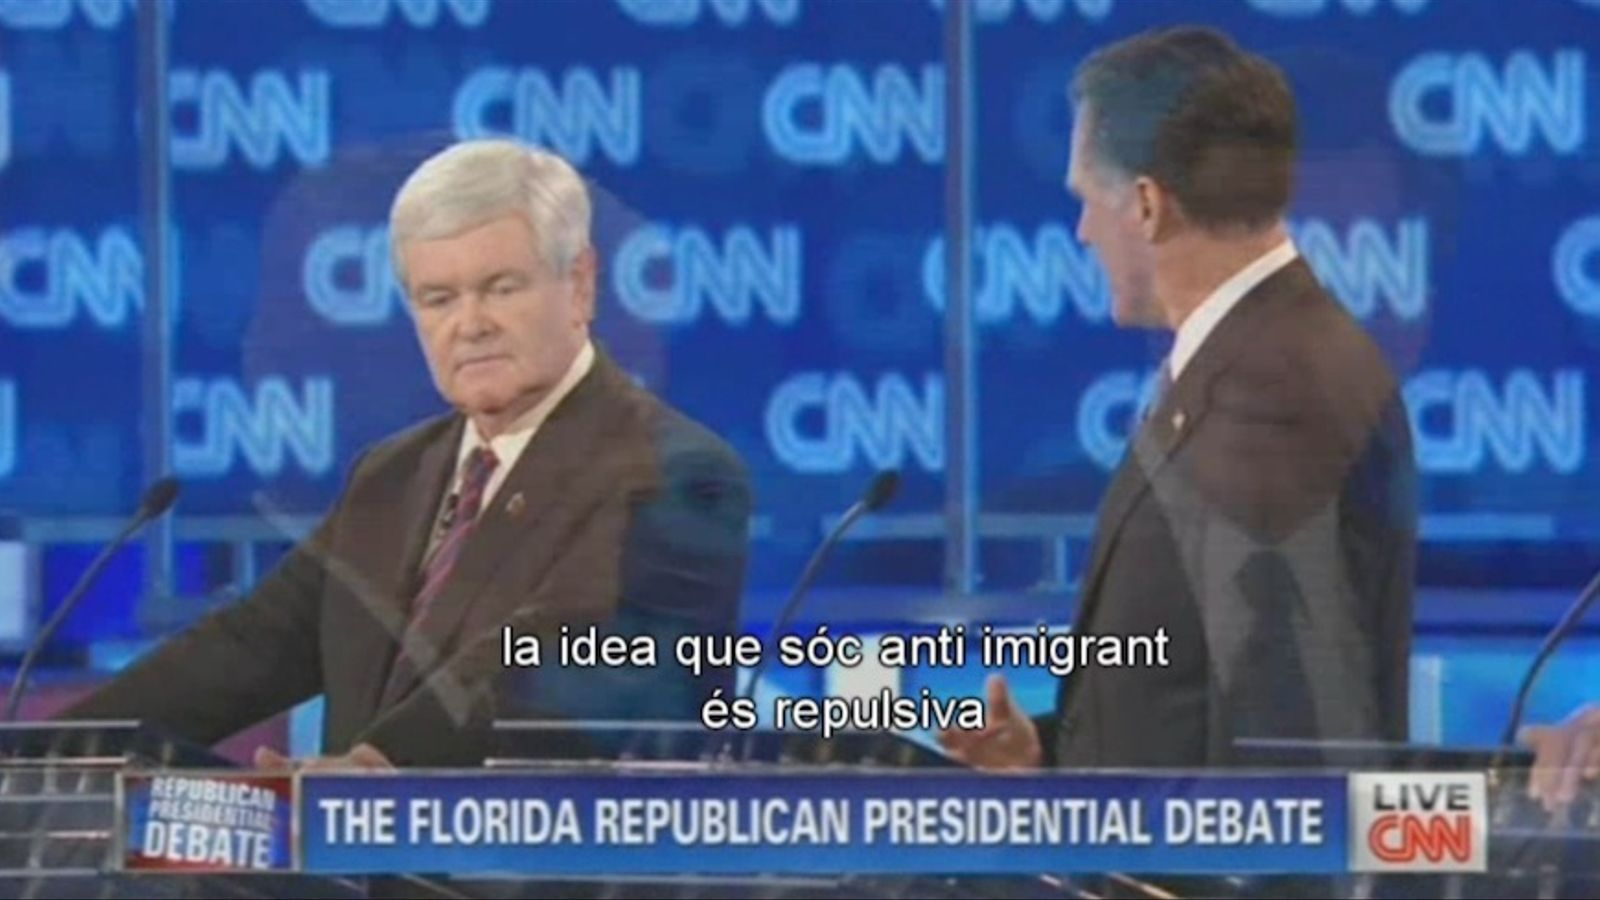 Gingrich i Romney s'enfronten en l'últim debat a Florida: La idea que sóc antiimmigrants és repulsiva